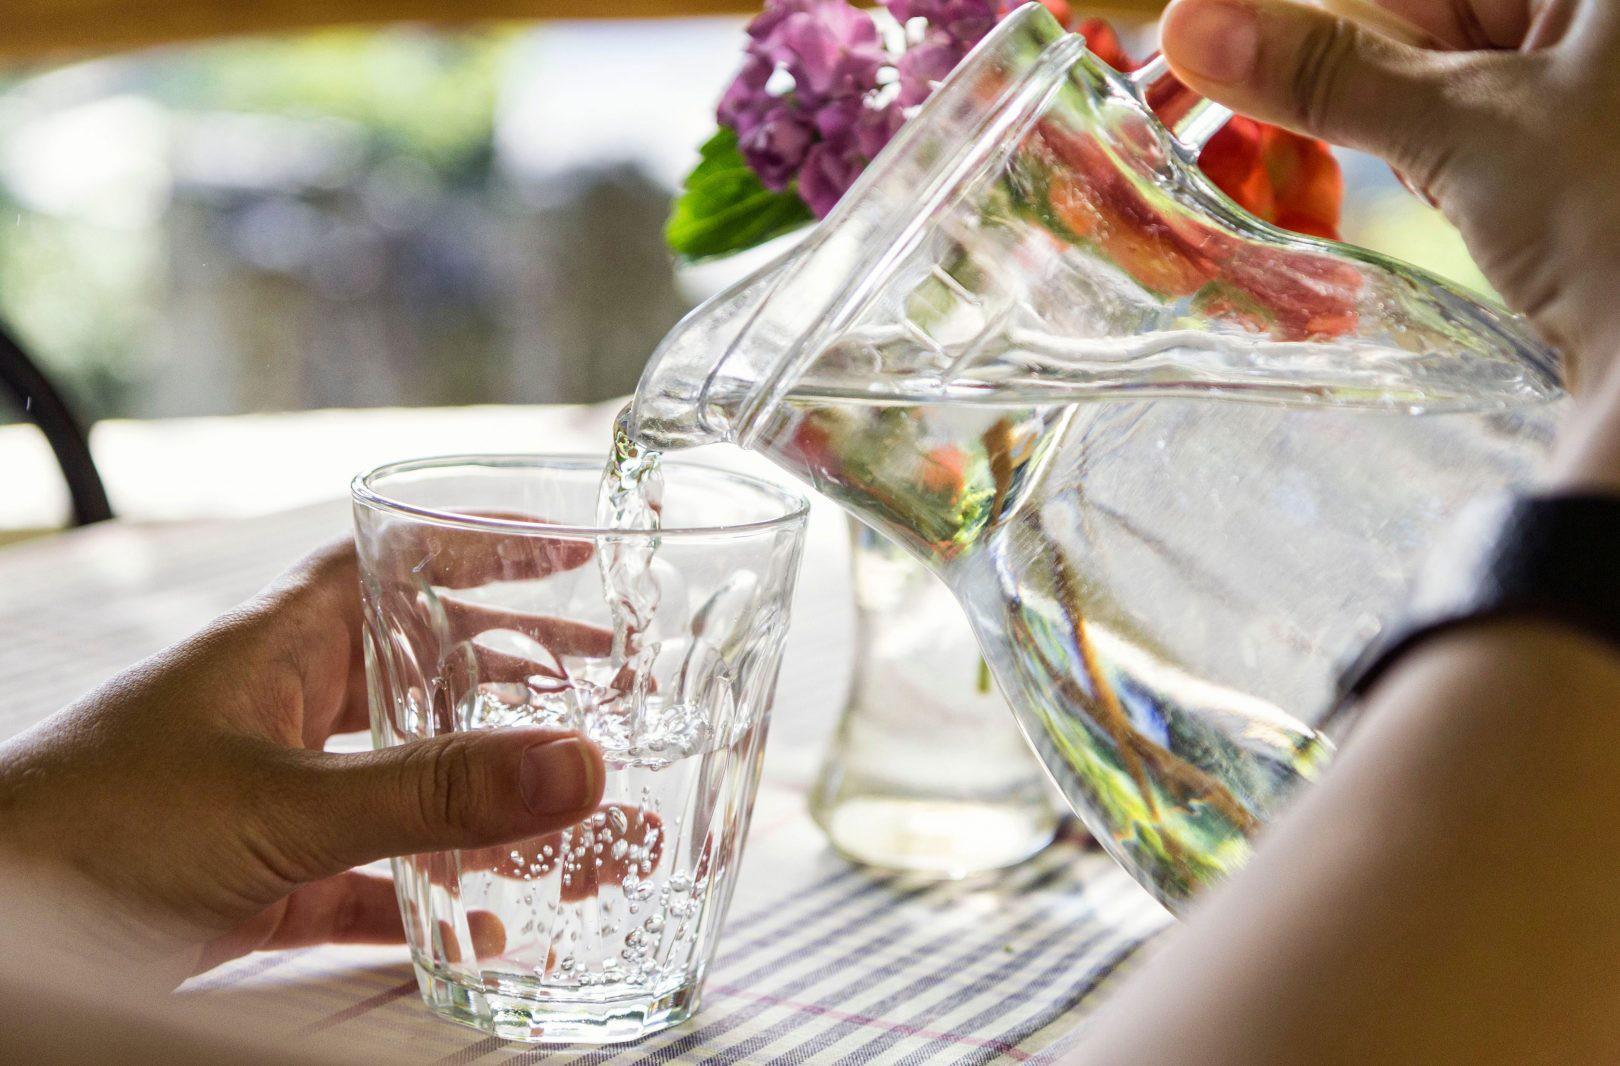 5 loại nước mà bạn nên uống trước khi ăn để giảm cân thật dễ dàng - Ảnh 1.